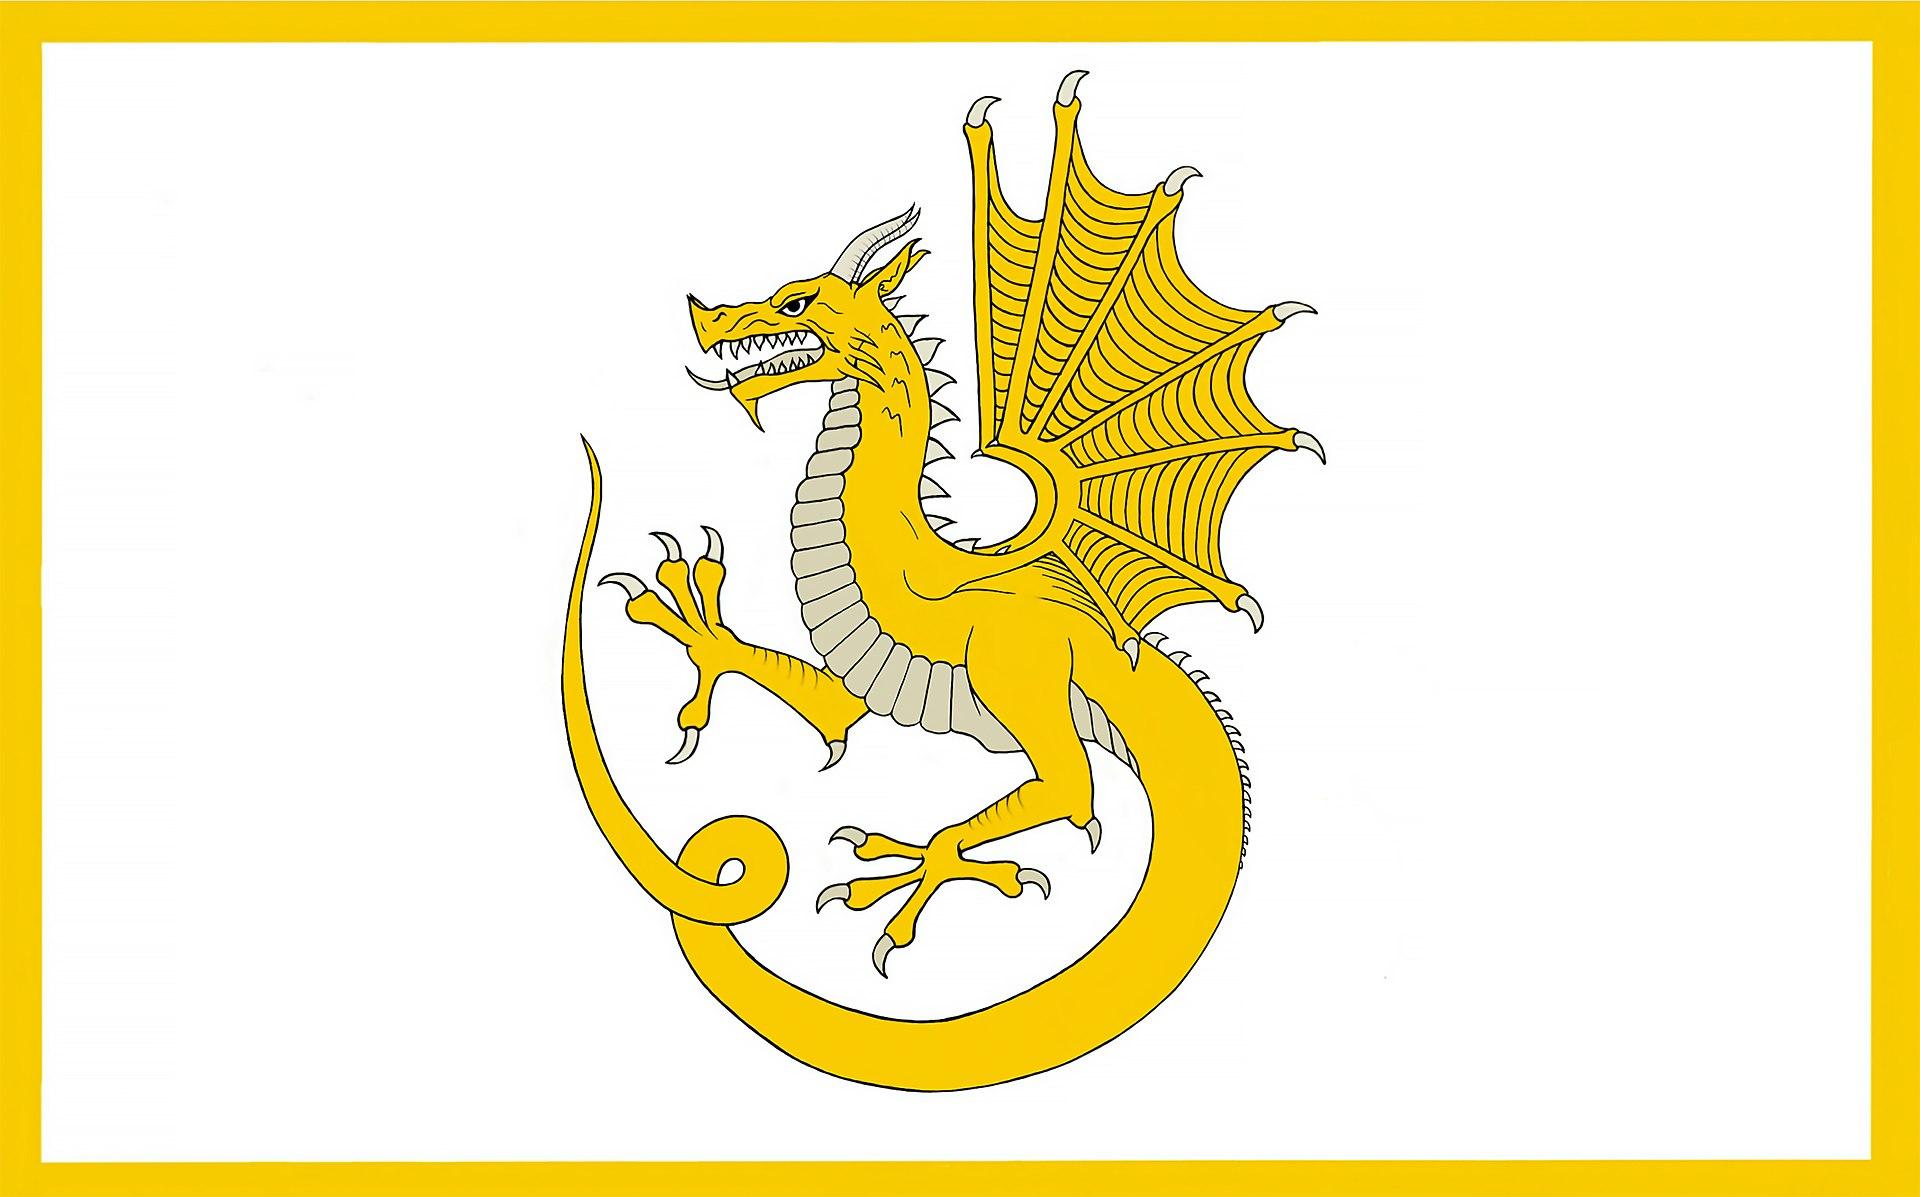 1920px-Y_Draig_Aur_Owain_Glyndŵr.jpg